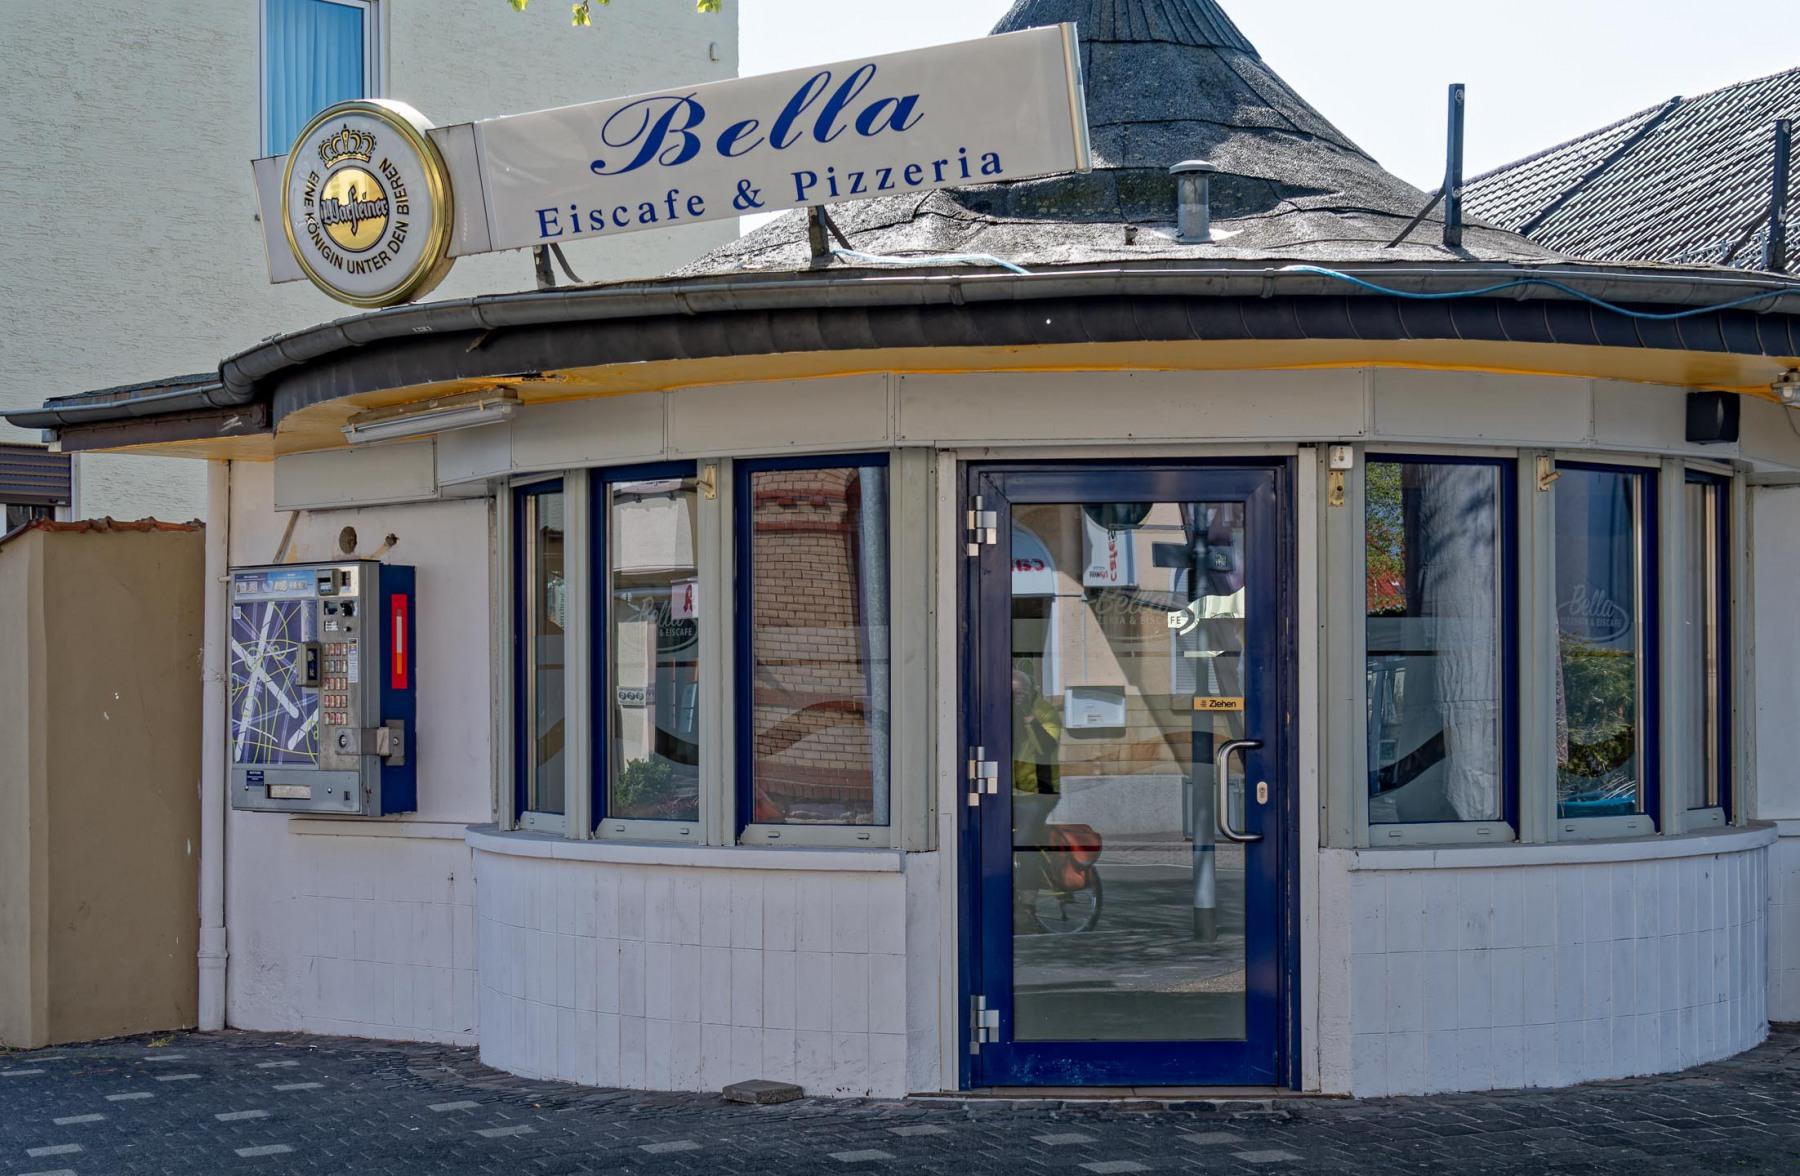 2_Bella-Bello-